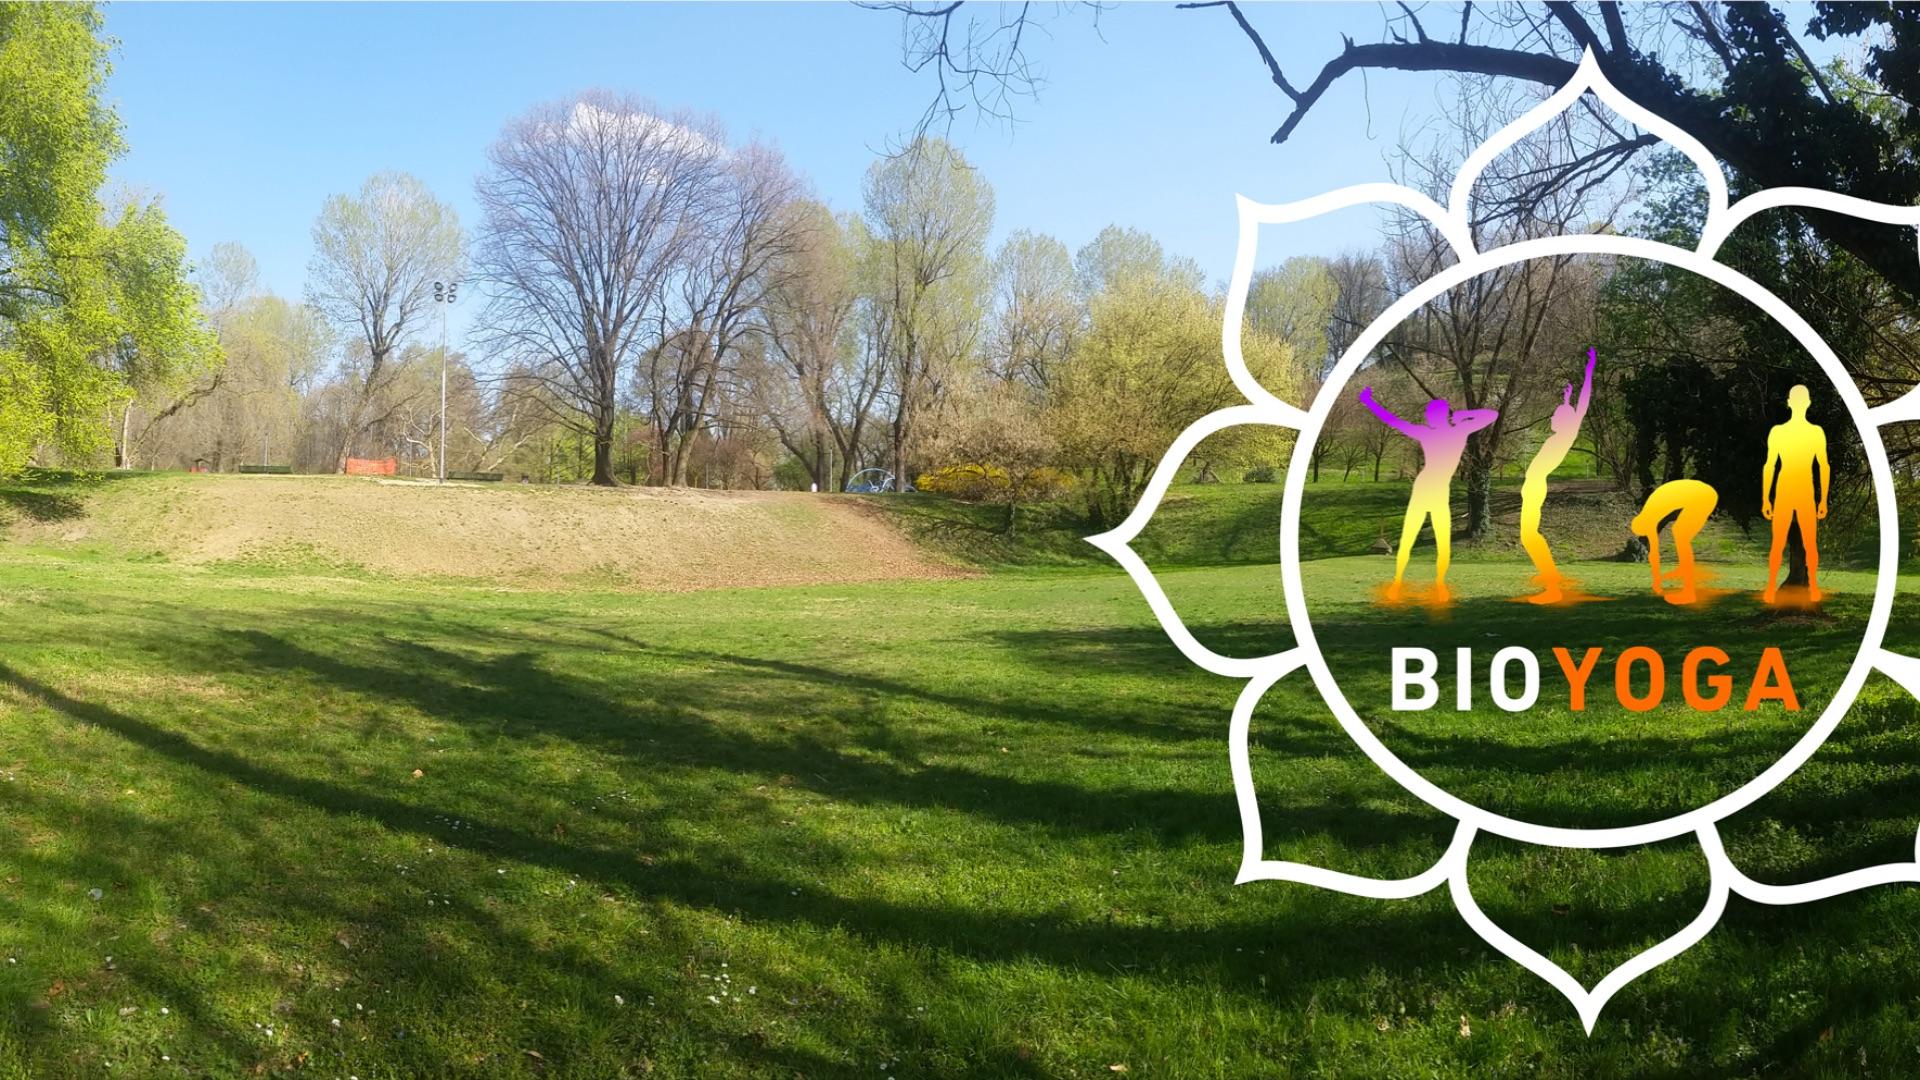 Bioyoga al parco Lambro